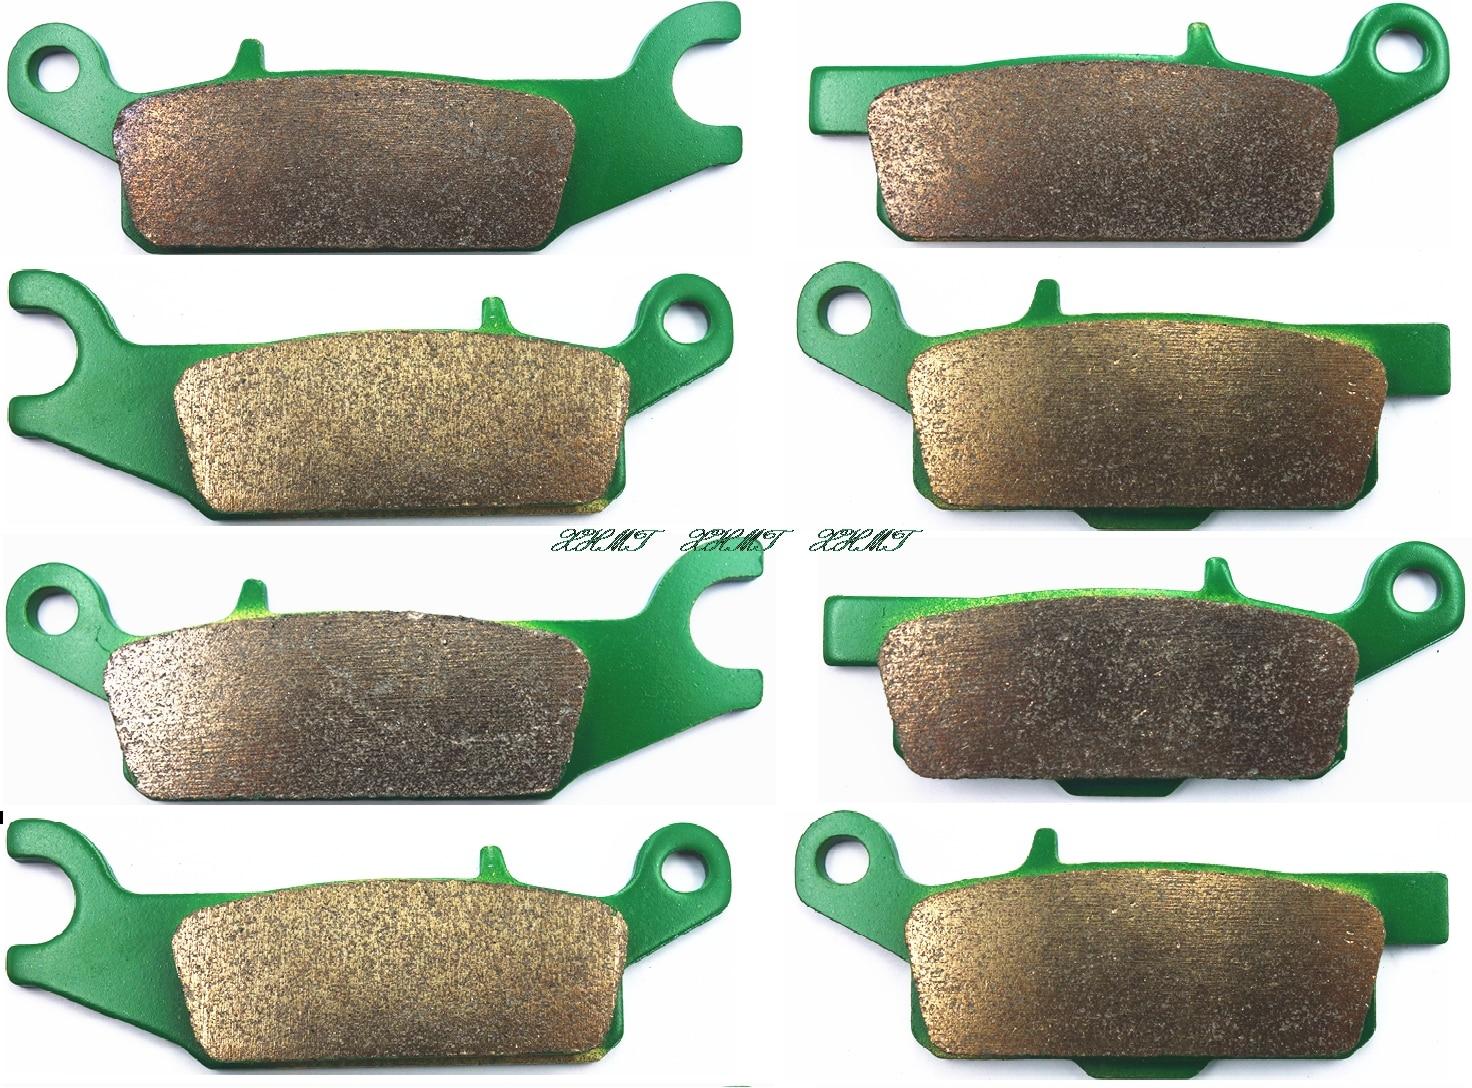 Brake Shoe Pads Set for YAMAHA ATV YFM700 YFM 700 GRIZZLY 2008 2009 2010 2011 2012 2013 2014 2015 / YFM550 YFM 550 2008 brake shoe pads set fit yamaha xp500 tmax tmax500 xp 500 t max abs non abs 2008 2009 2010 2011 2012